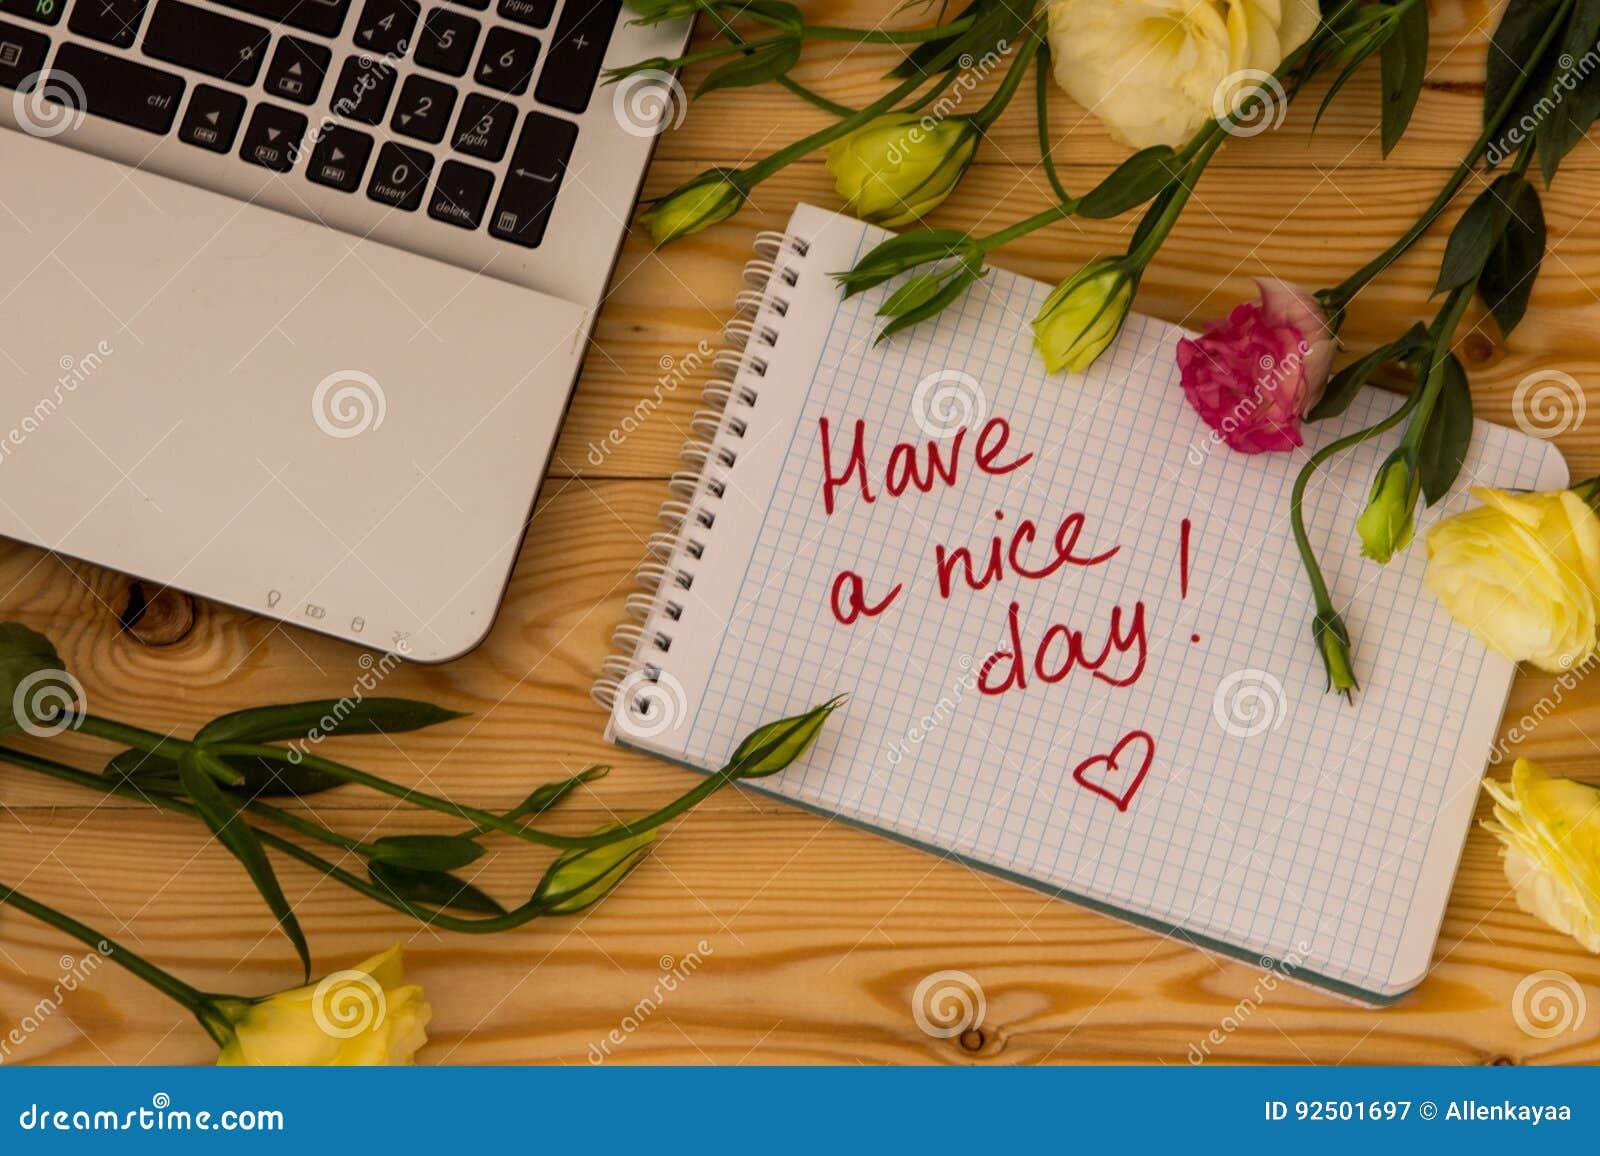 Laptop-Computer, Text lassen einen schönen Tag und Eustomablumen an anflehen